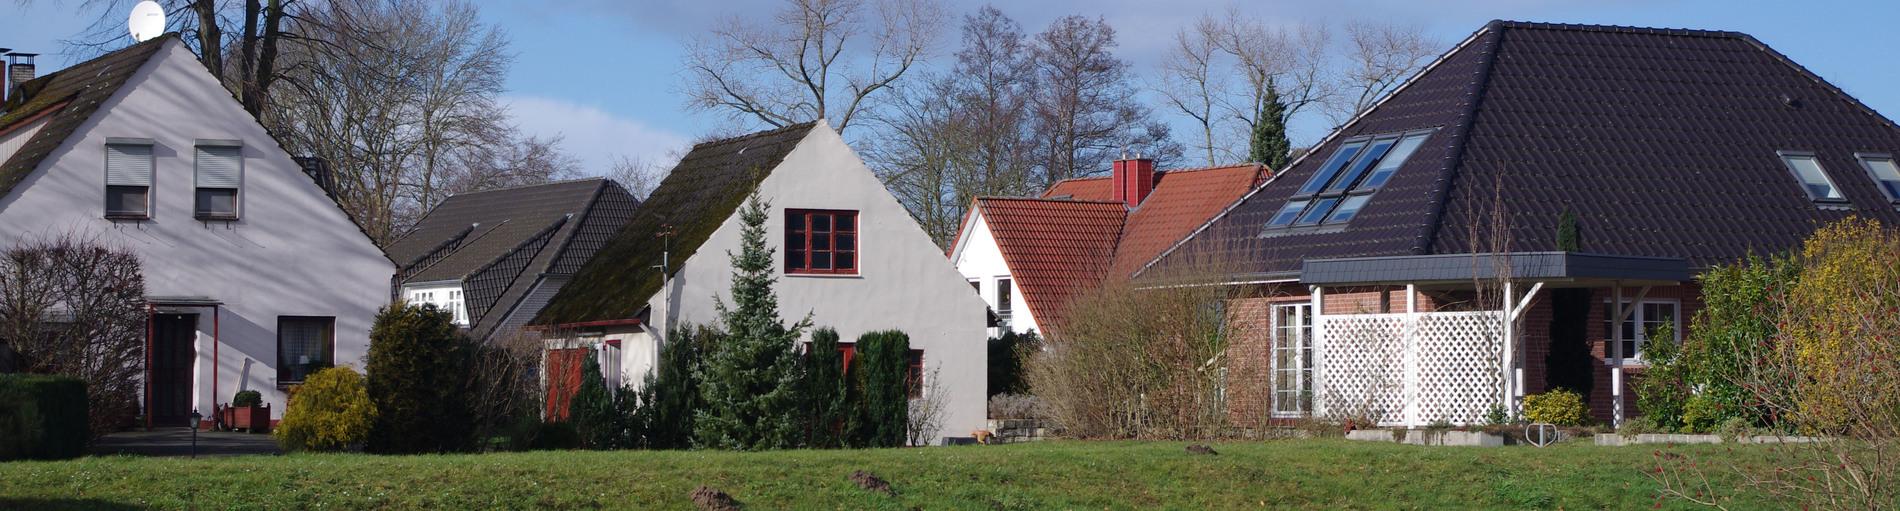 borgfeld informationen und adressen zum stadtteil. Black Bedroom Furniture Sets. Home Design Ideas